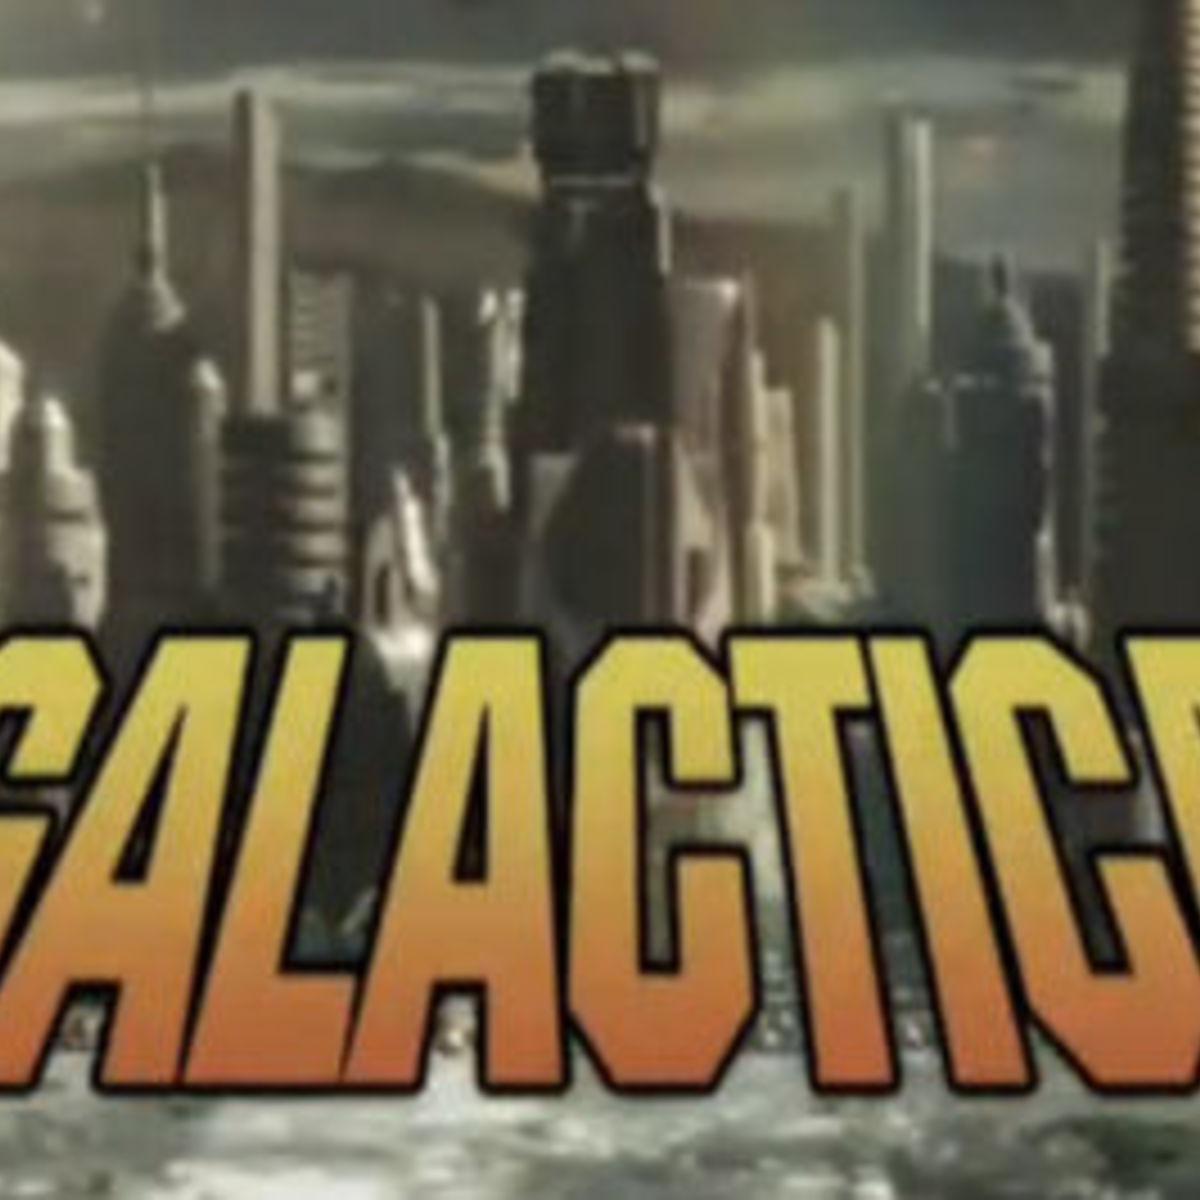 Battlestar_Galactica_Sabotage.jpg